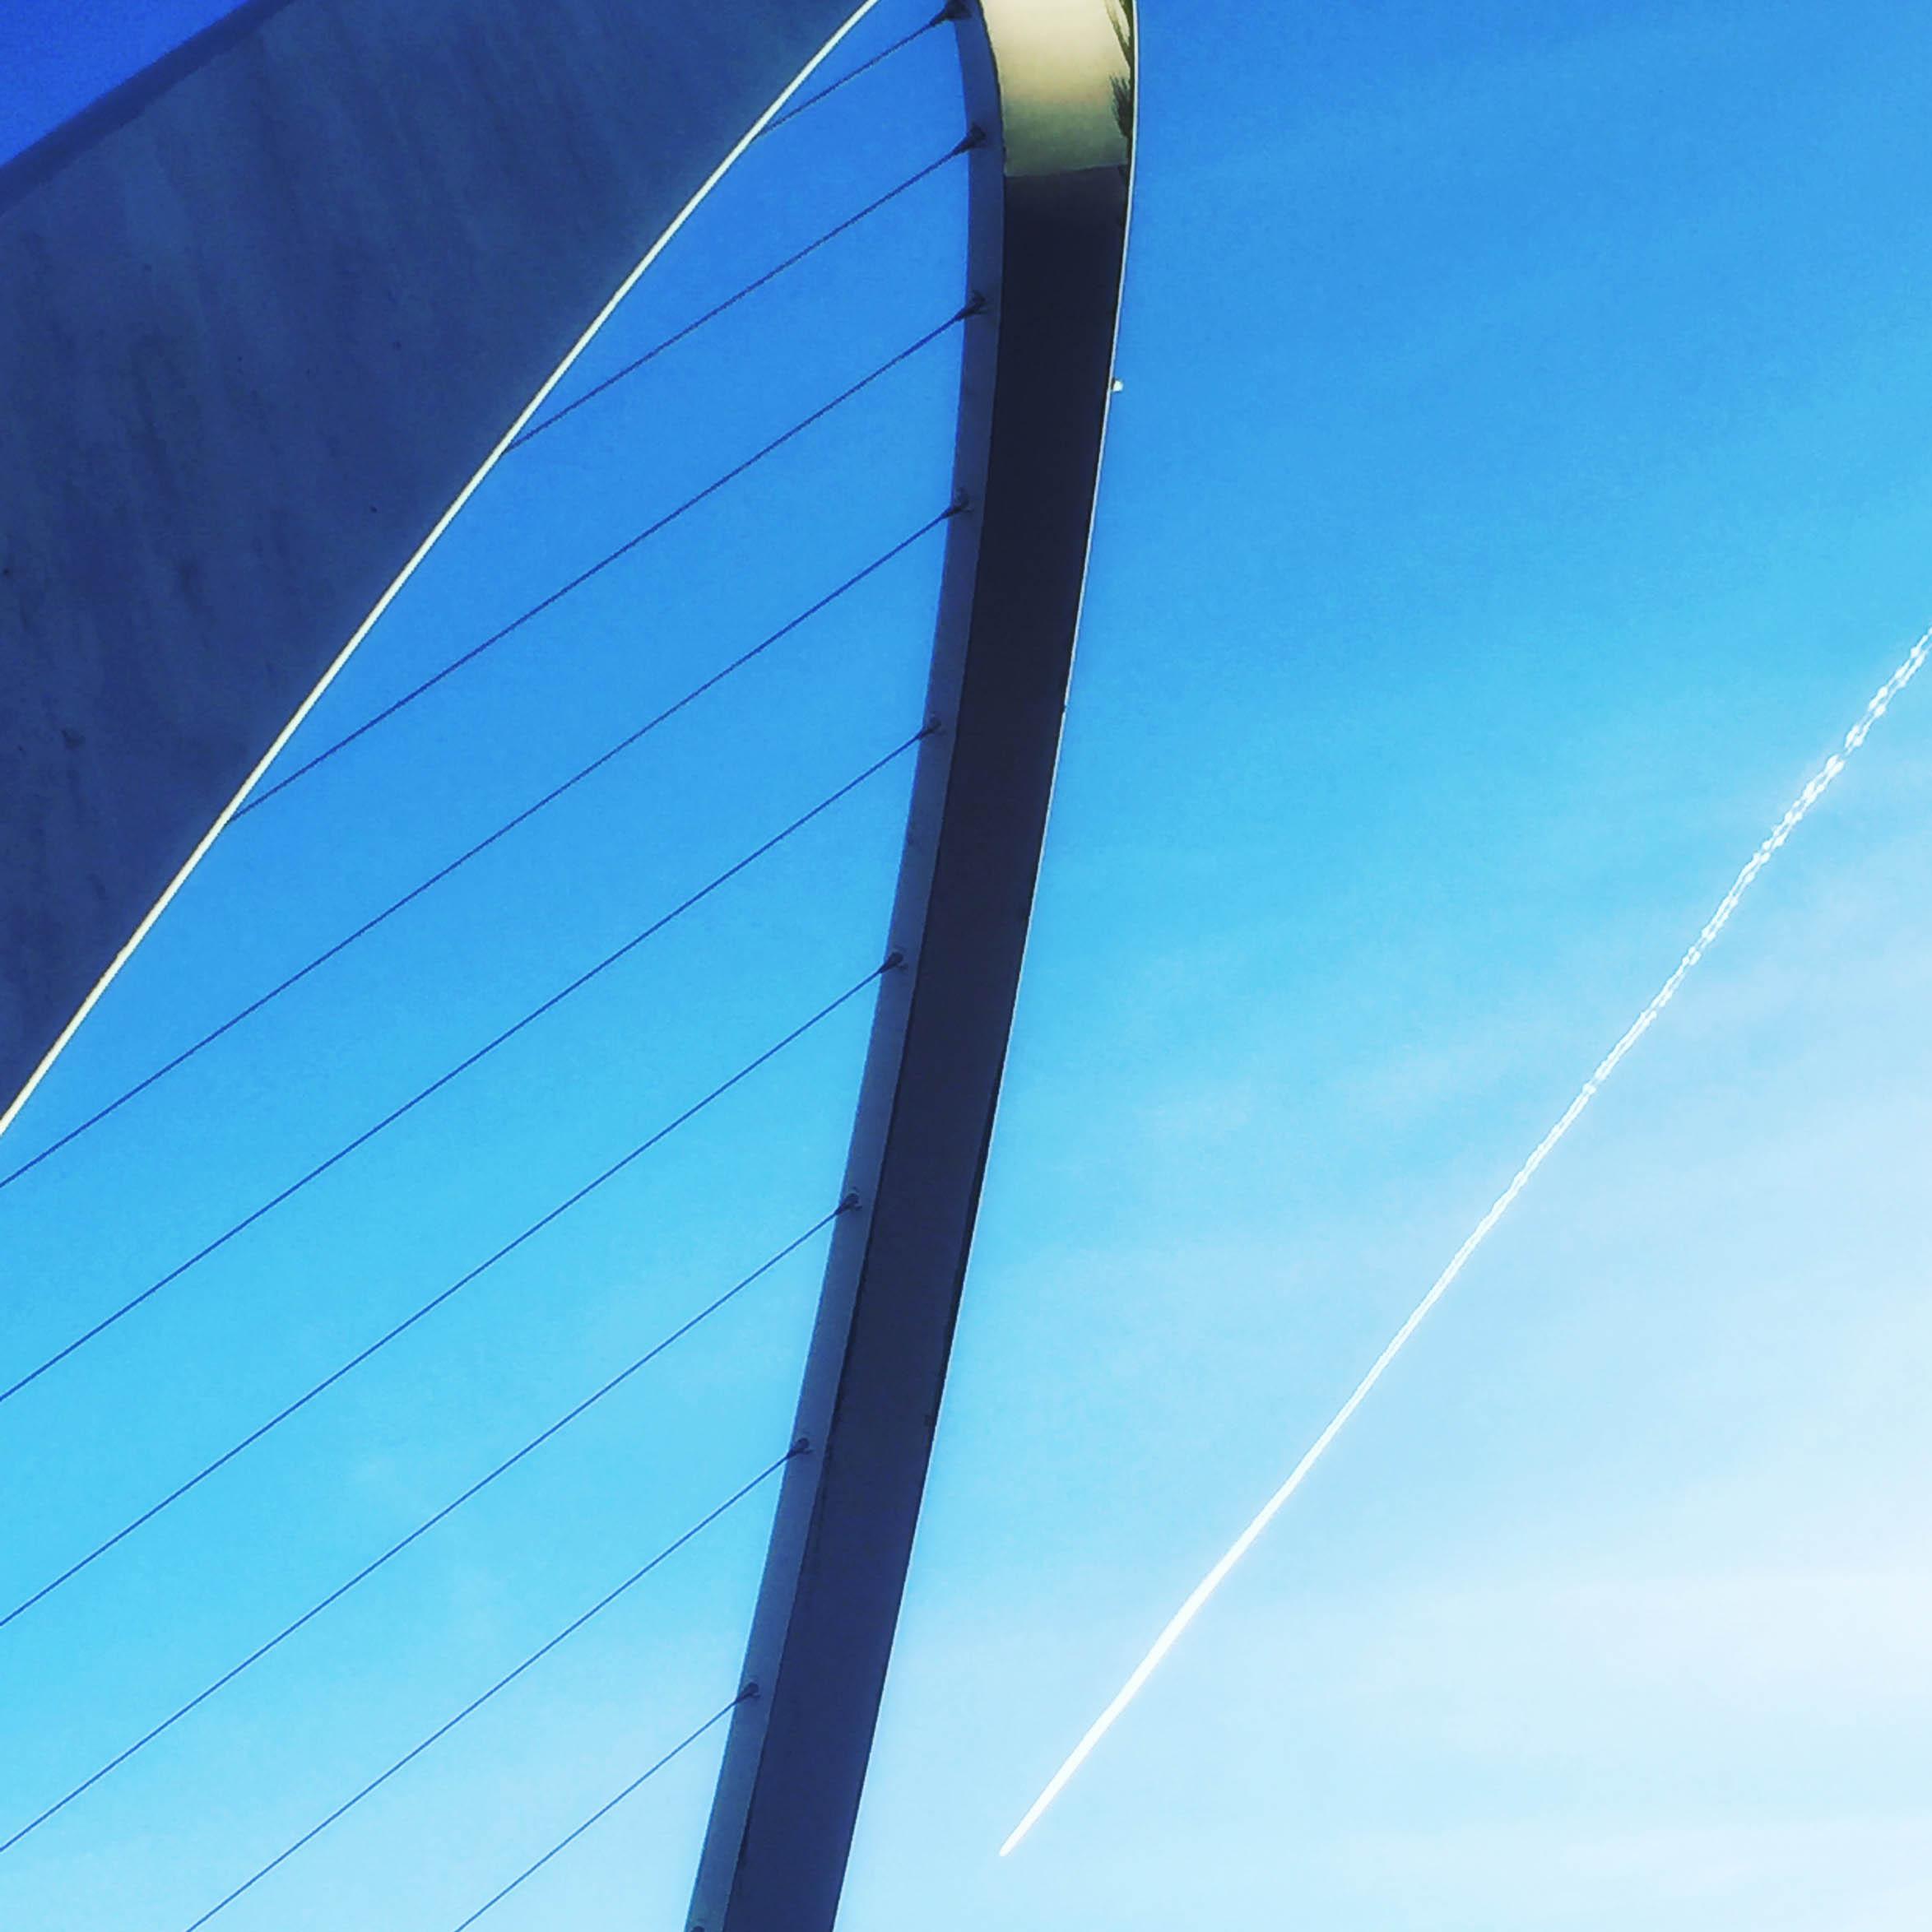 Modern bridge structure